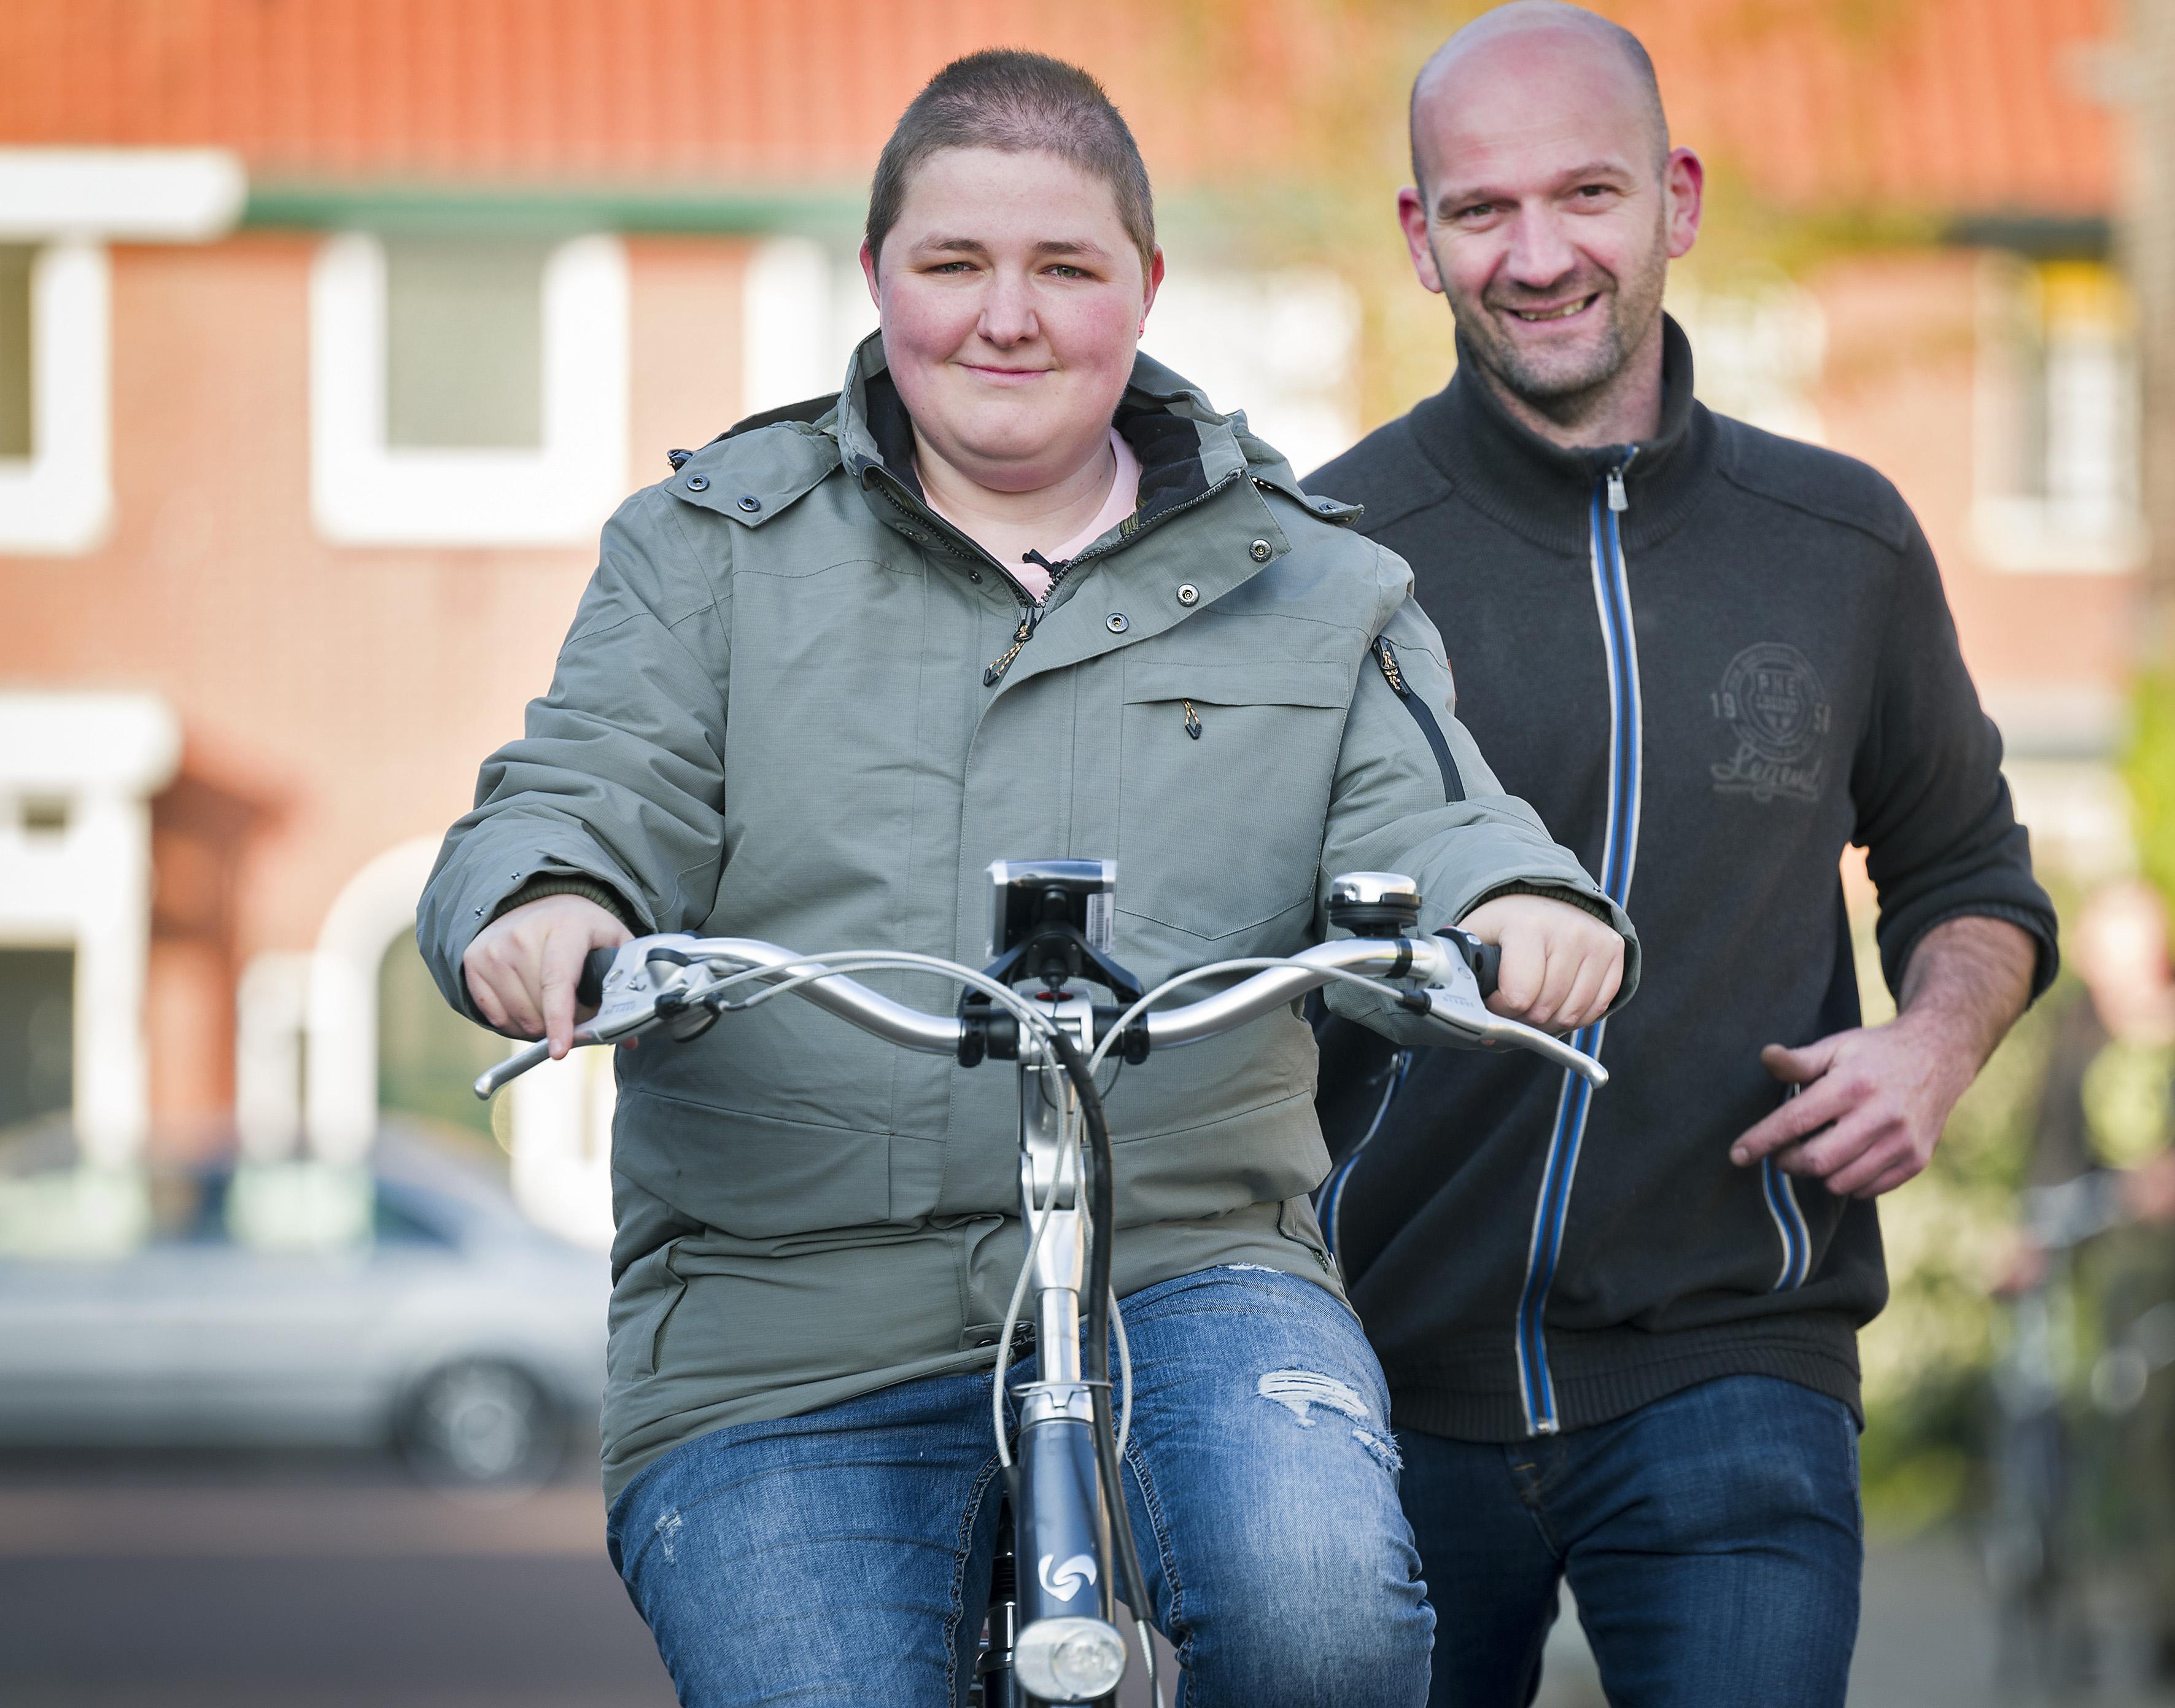 Bestolen krantenbezorgster Nicolette dolblij met nieuwe fiets